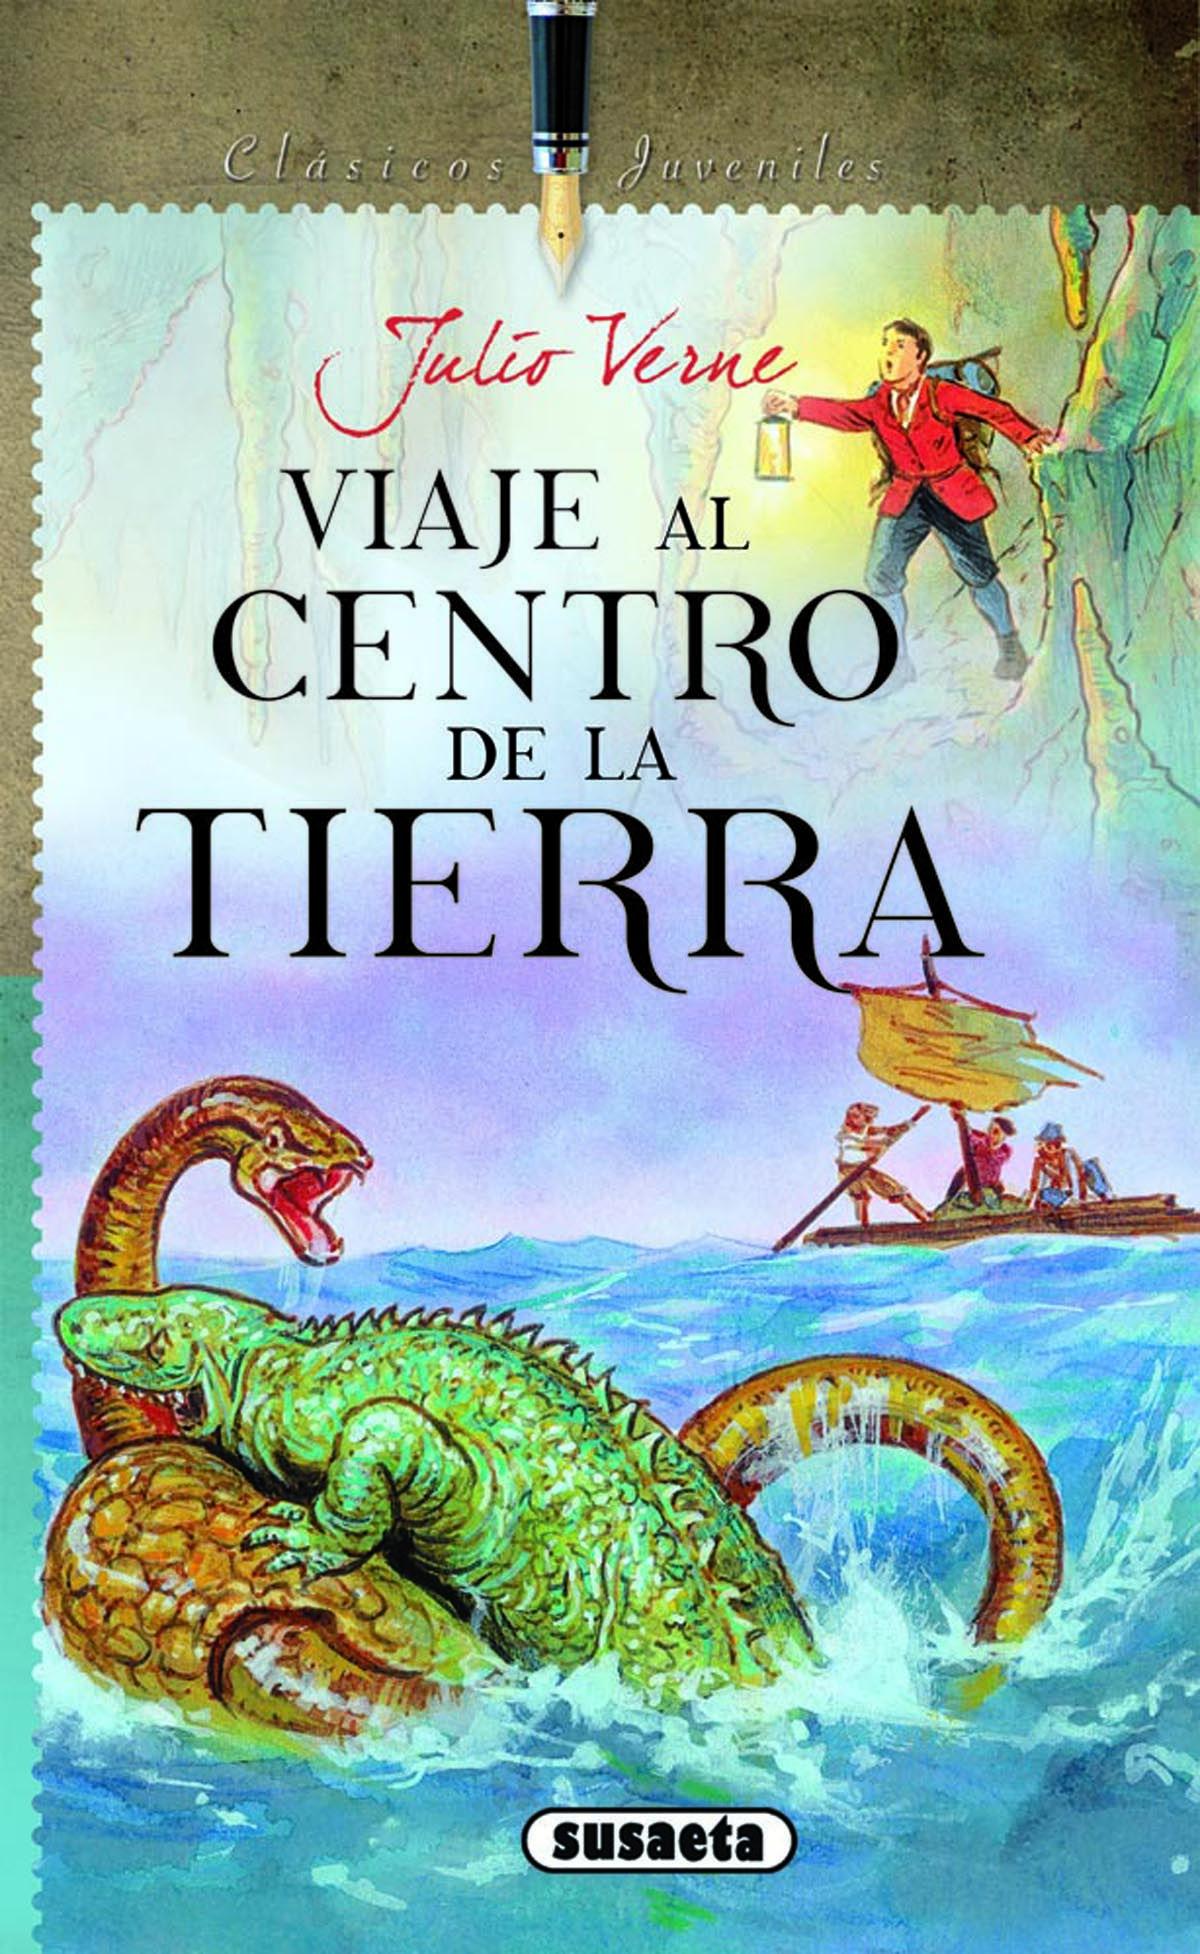 Obras Literarias Famosas Buscar Con Google Jules Verne Pulp Adventure Ebook